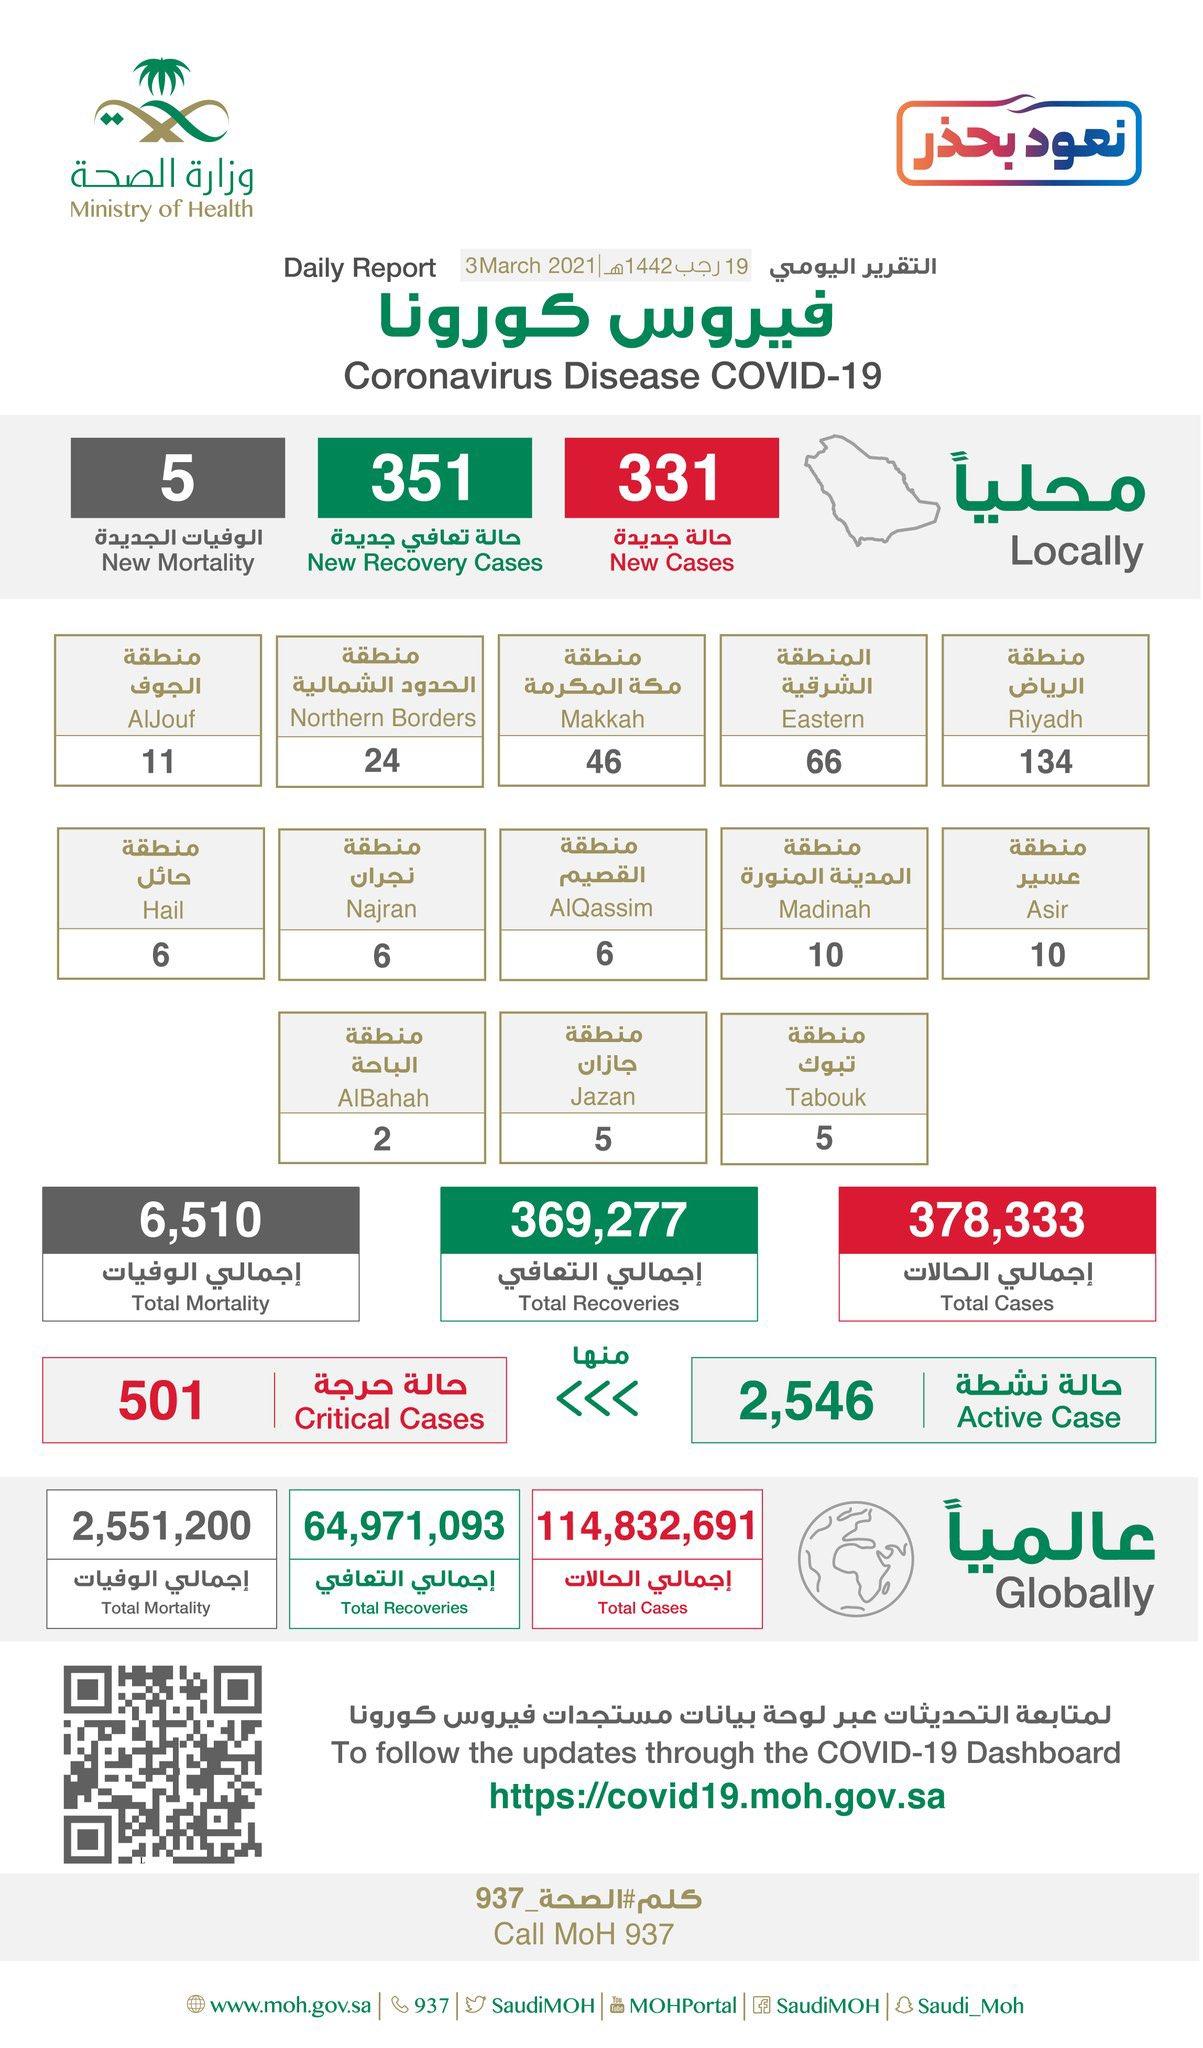 331 إصابة جديدة بفيروس كورونا في السعودية .. و 351 حالة شفاء و 5 وفيات